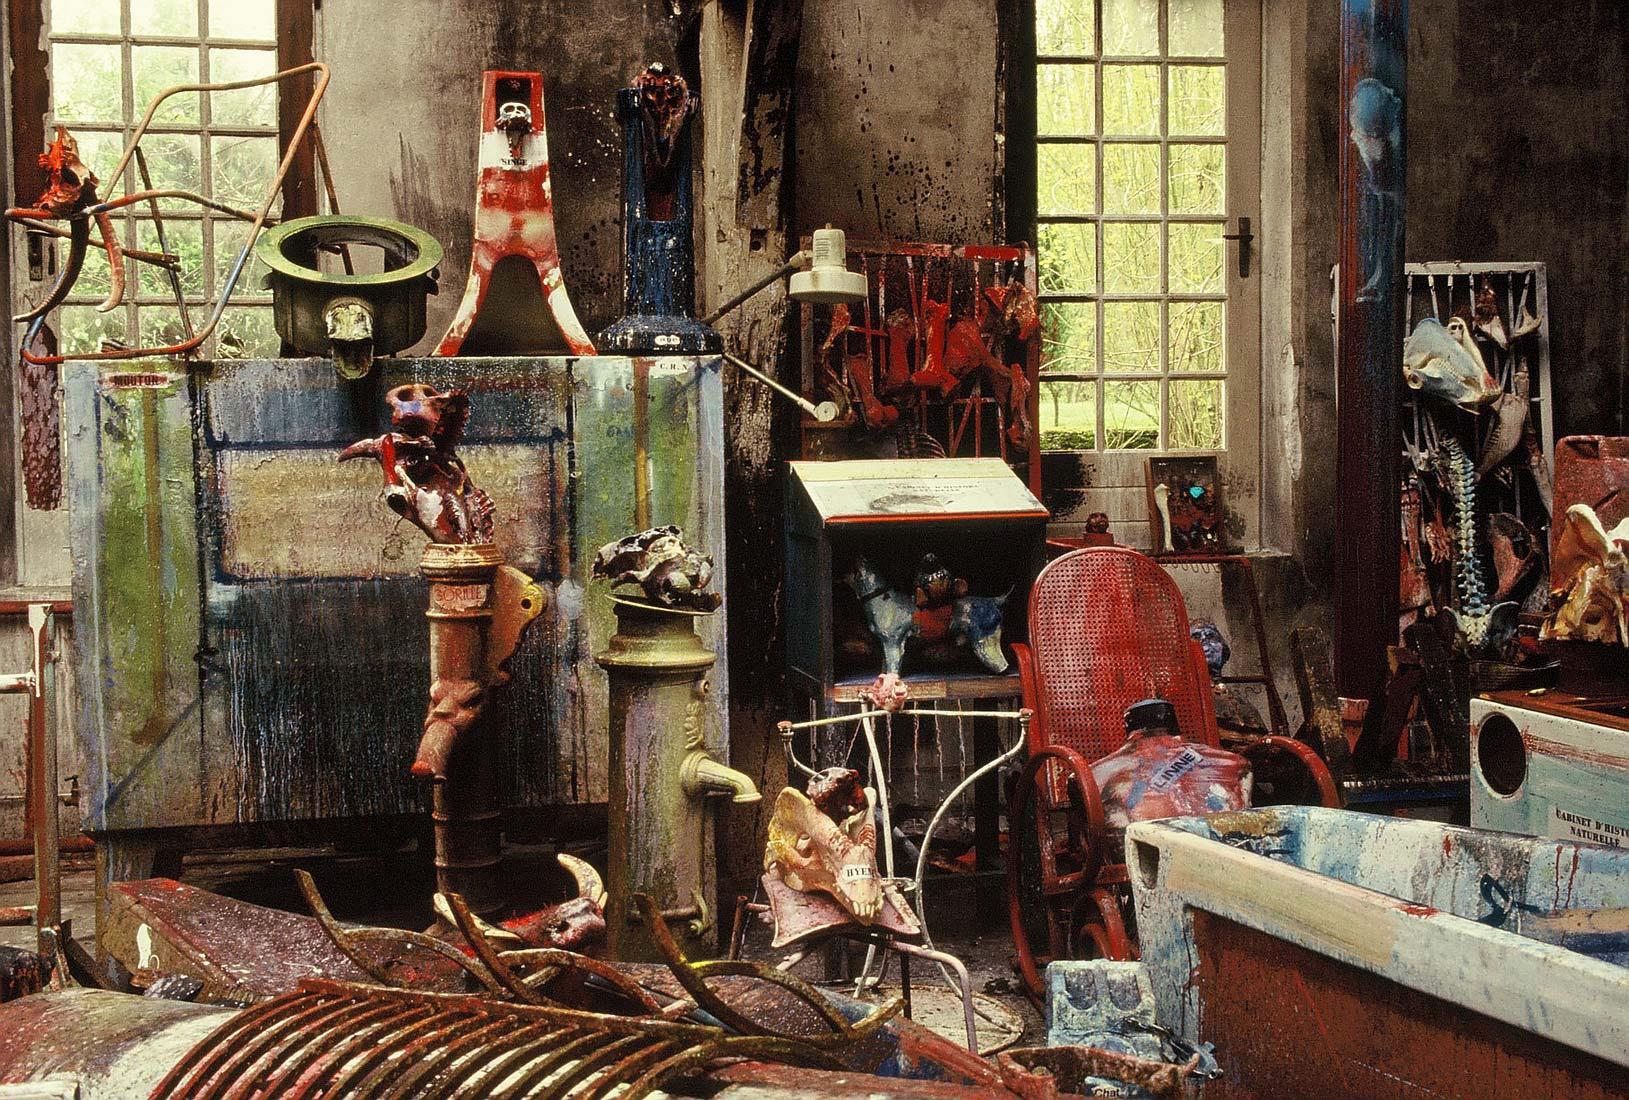 L atelier de dado apr s l incendie de 1988 l anti mus e - Atelier artiste peintre ...